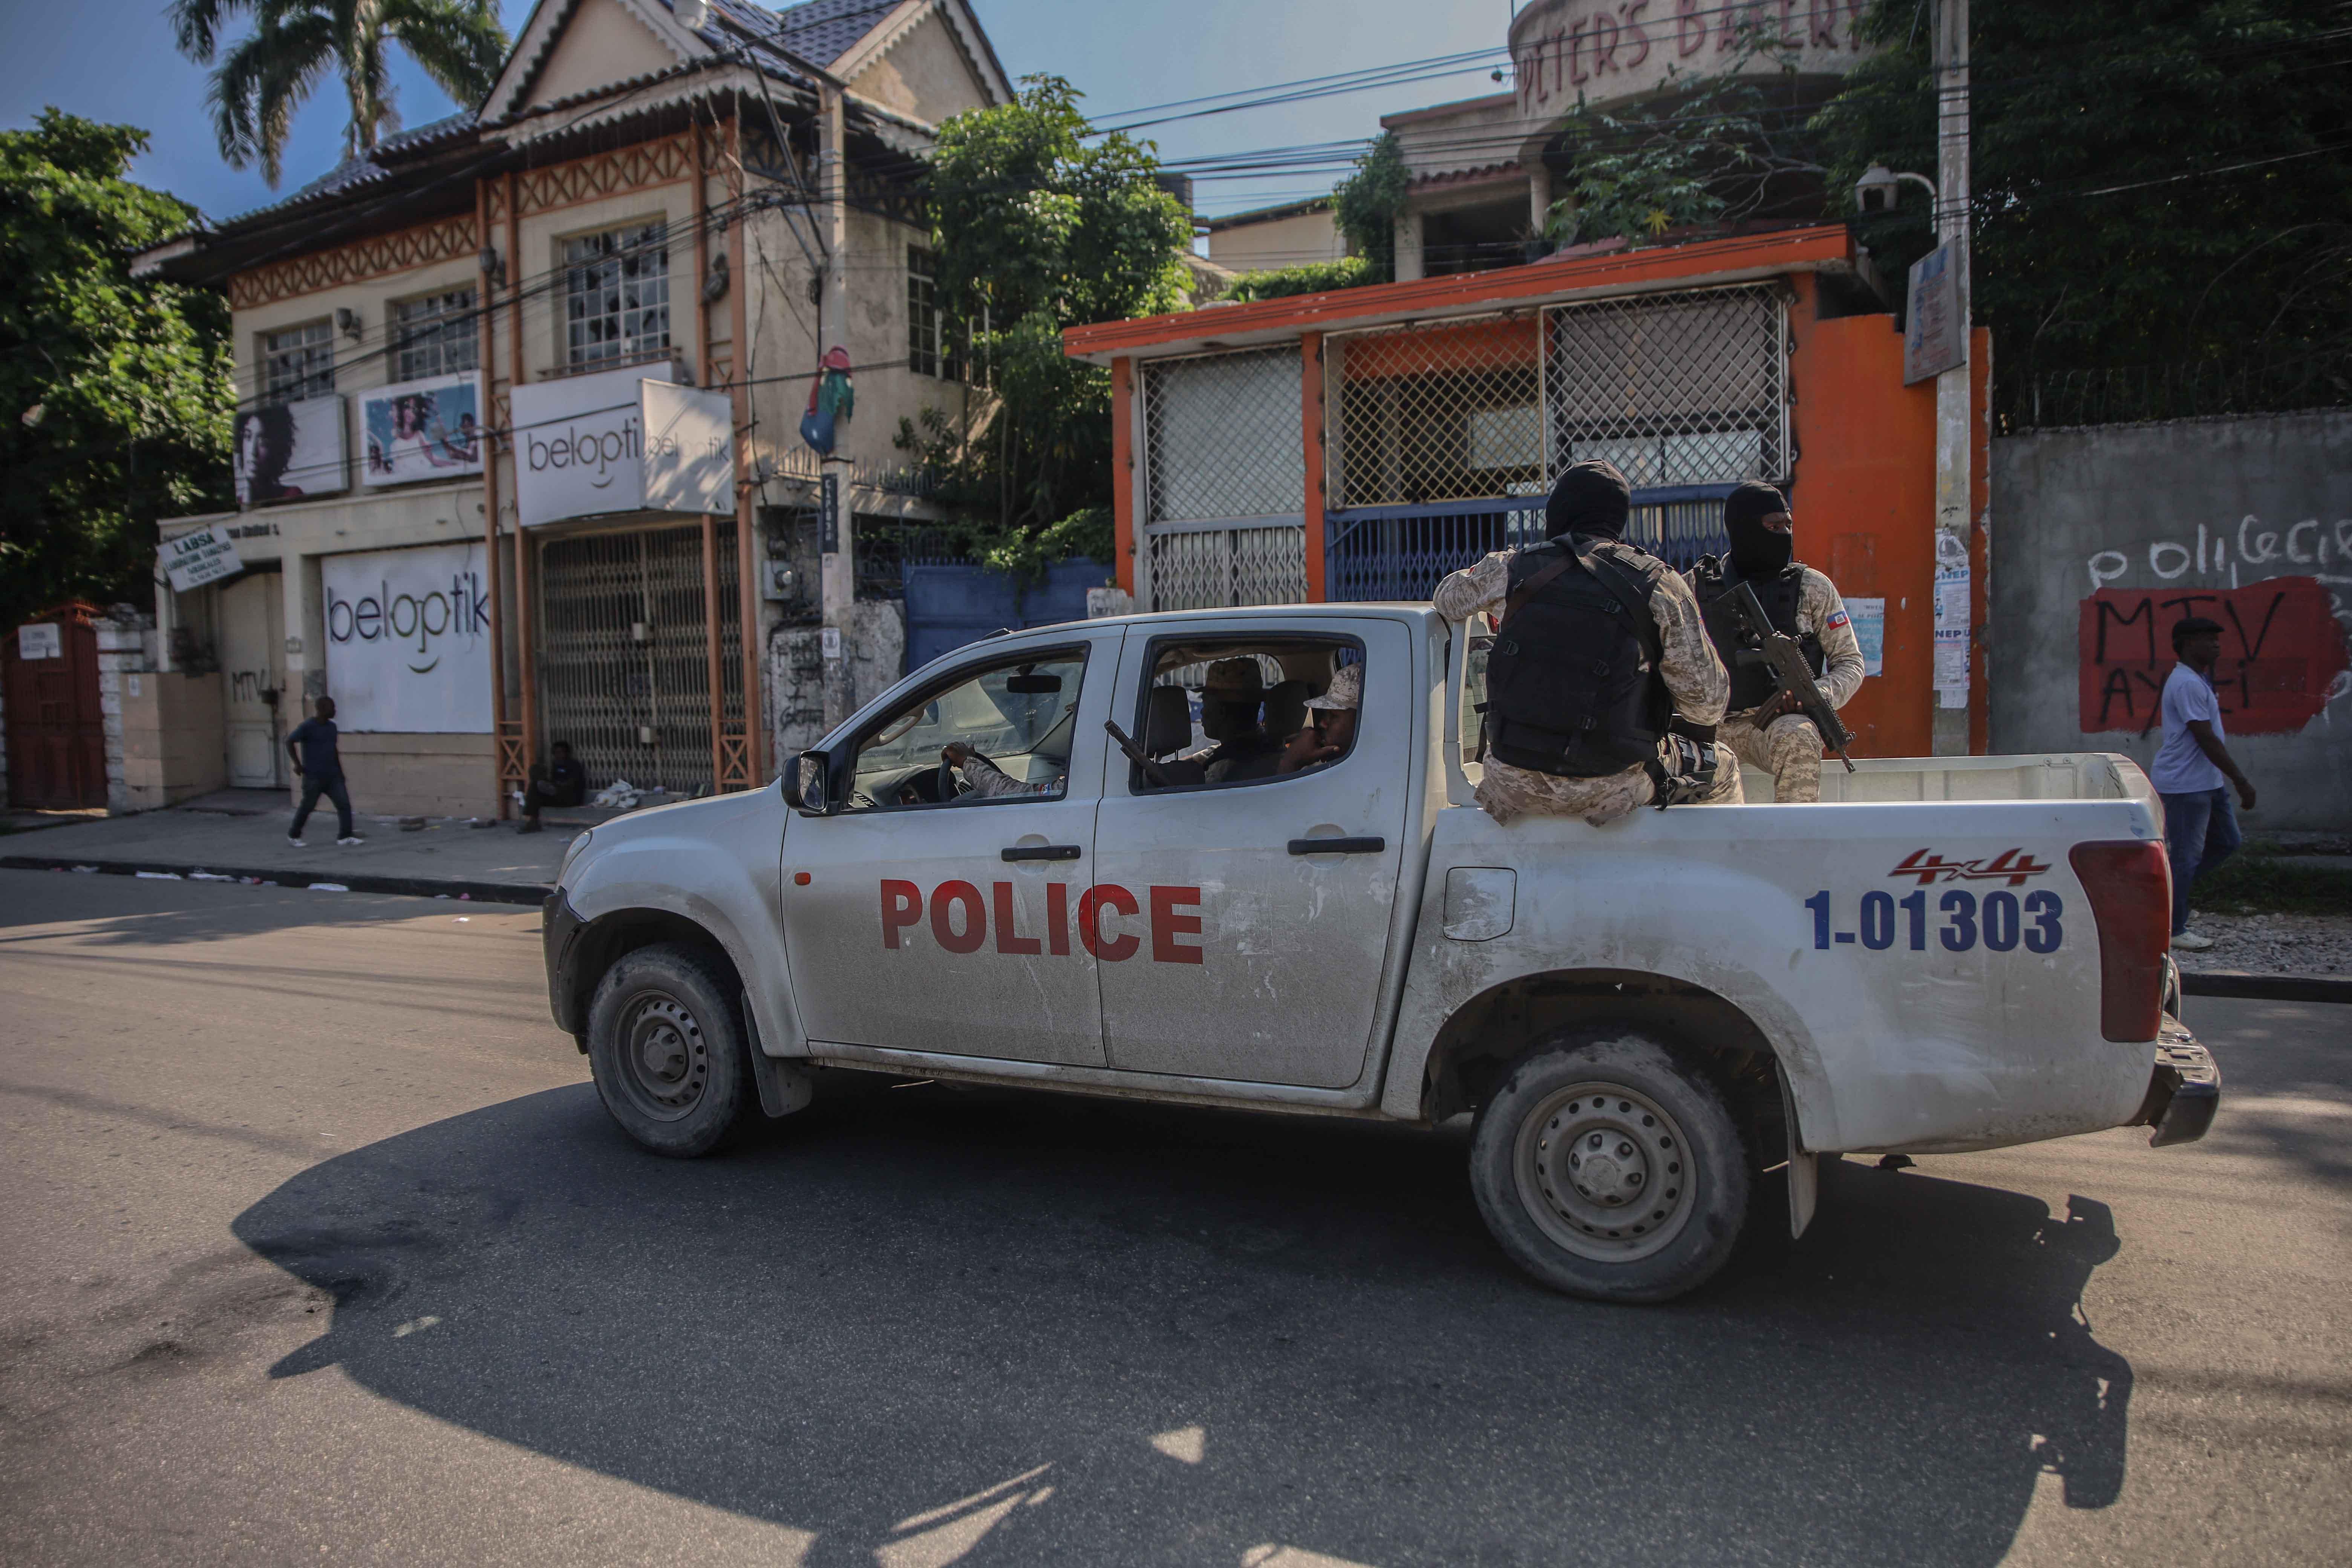 Haiti abduction